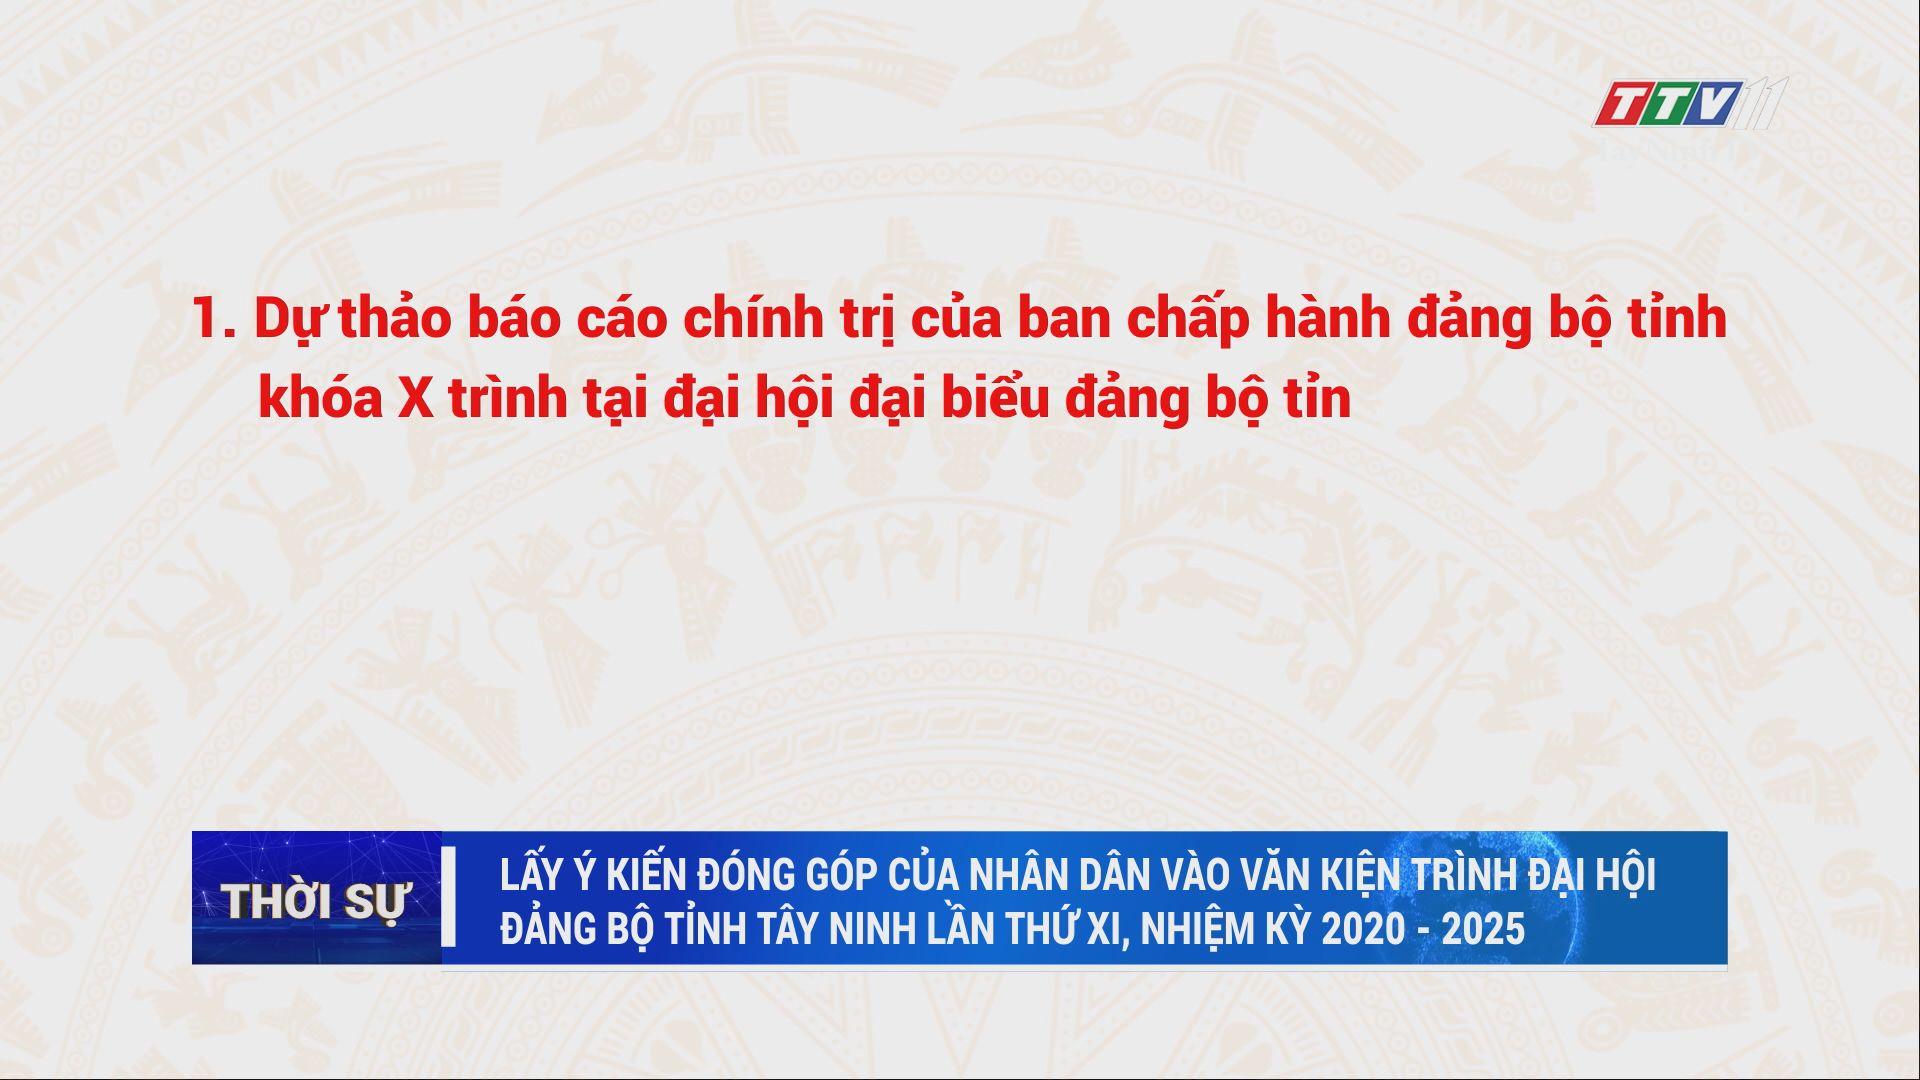 Thông báo về việc lấy ý kiến đóng góp của nhân dân vào Văn kiện trình Đại hội Đảng bộ tỉnh Tây Ninh lần thứ XI, nhiệm kỳ 2020 – 2025